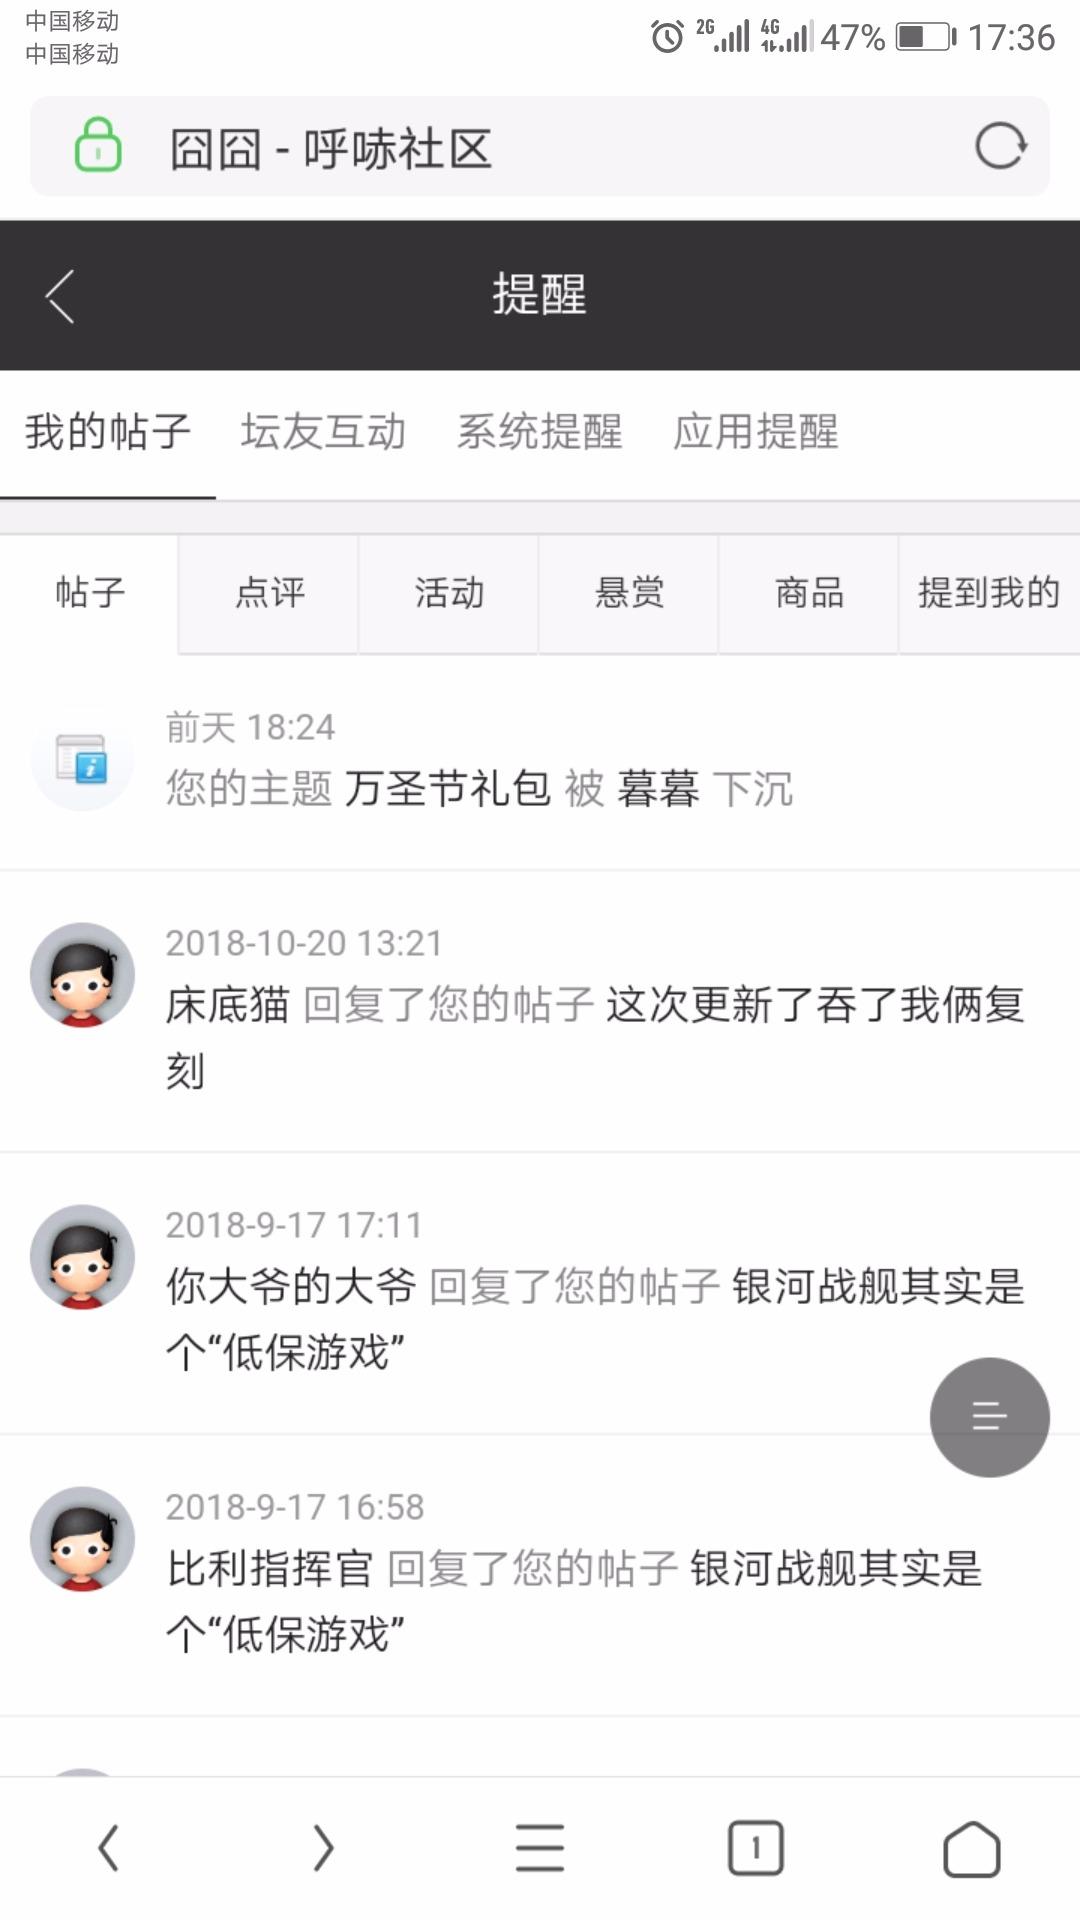 Screenshot_20181109-173639.jpg